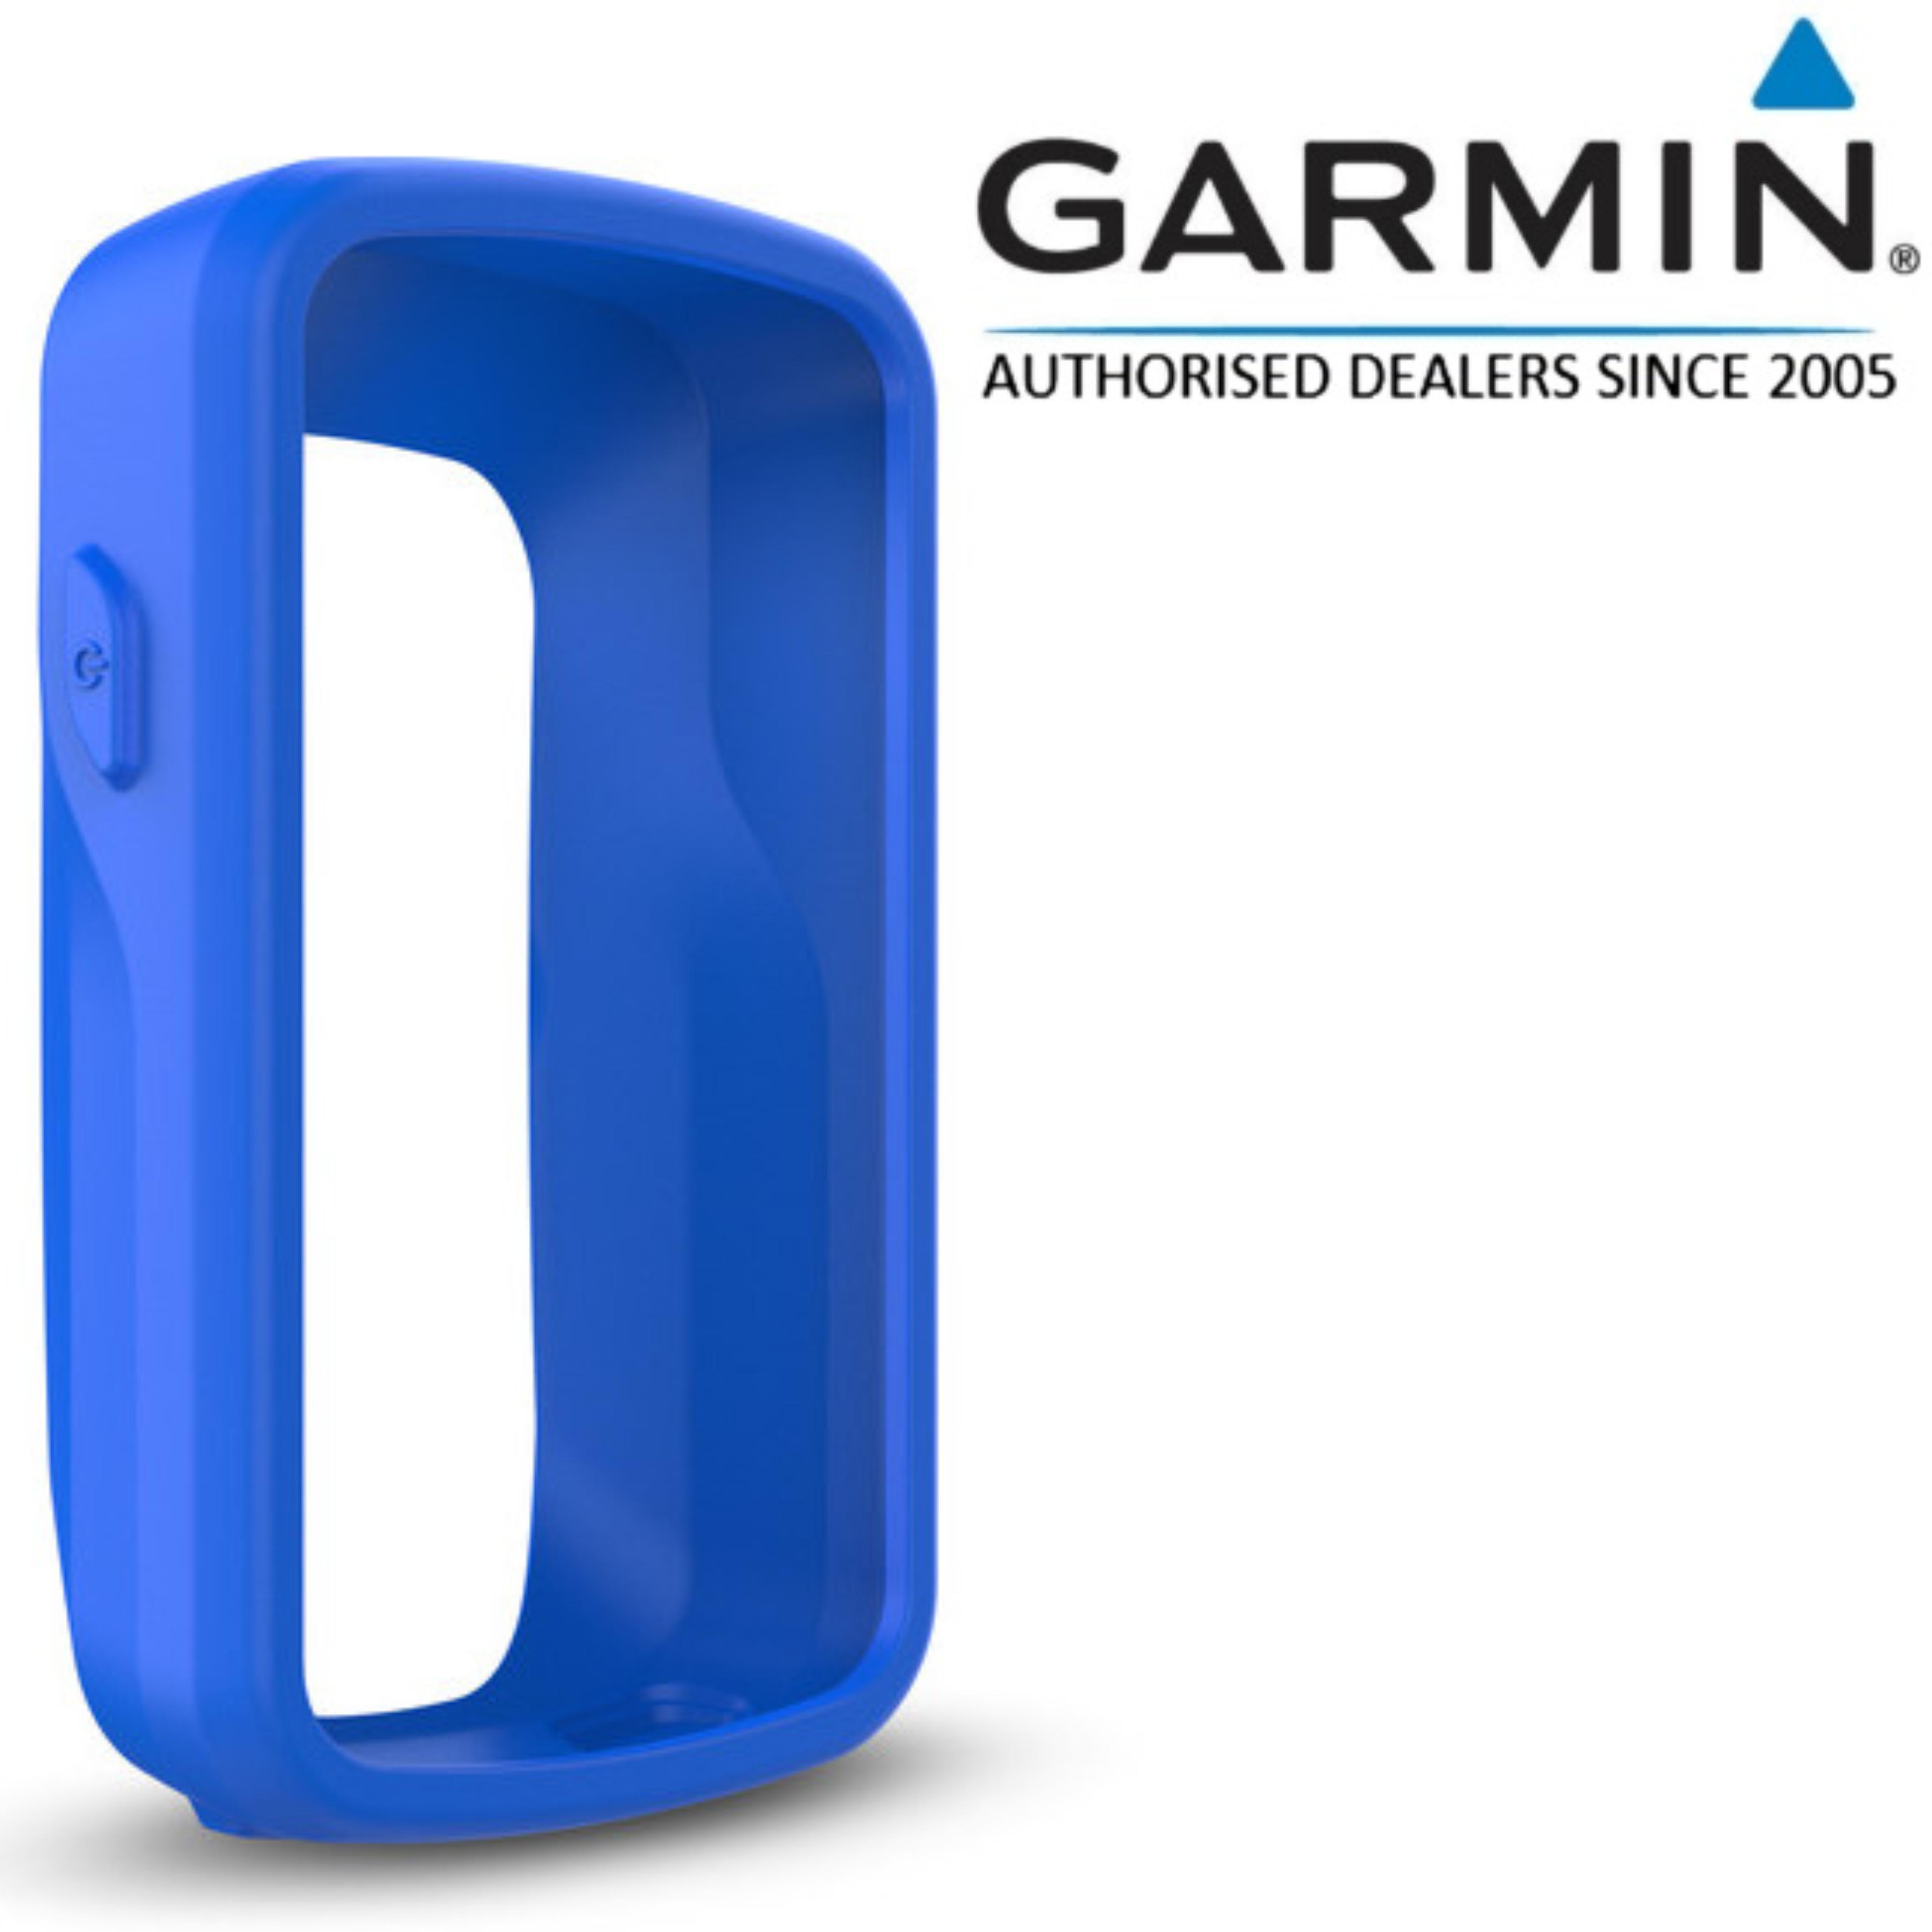 Garmin Silicone Case | Protective Cover | For Edge 820-Explore 820 GPS Computer | Blue